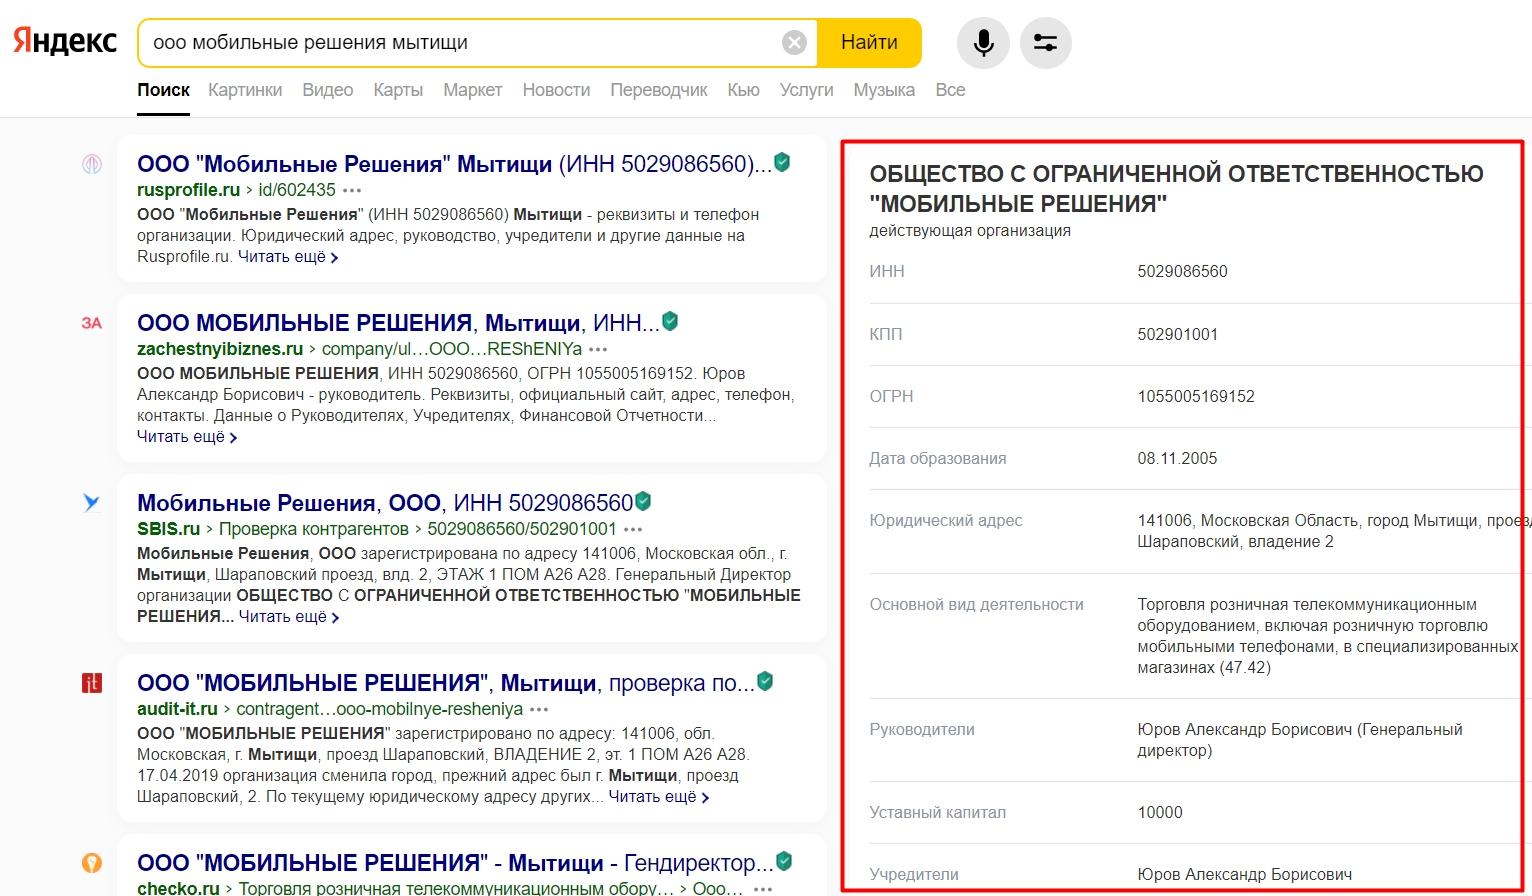 В Поиске Яндекса появились данные о юрлицах и предпринимателях1